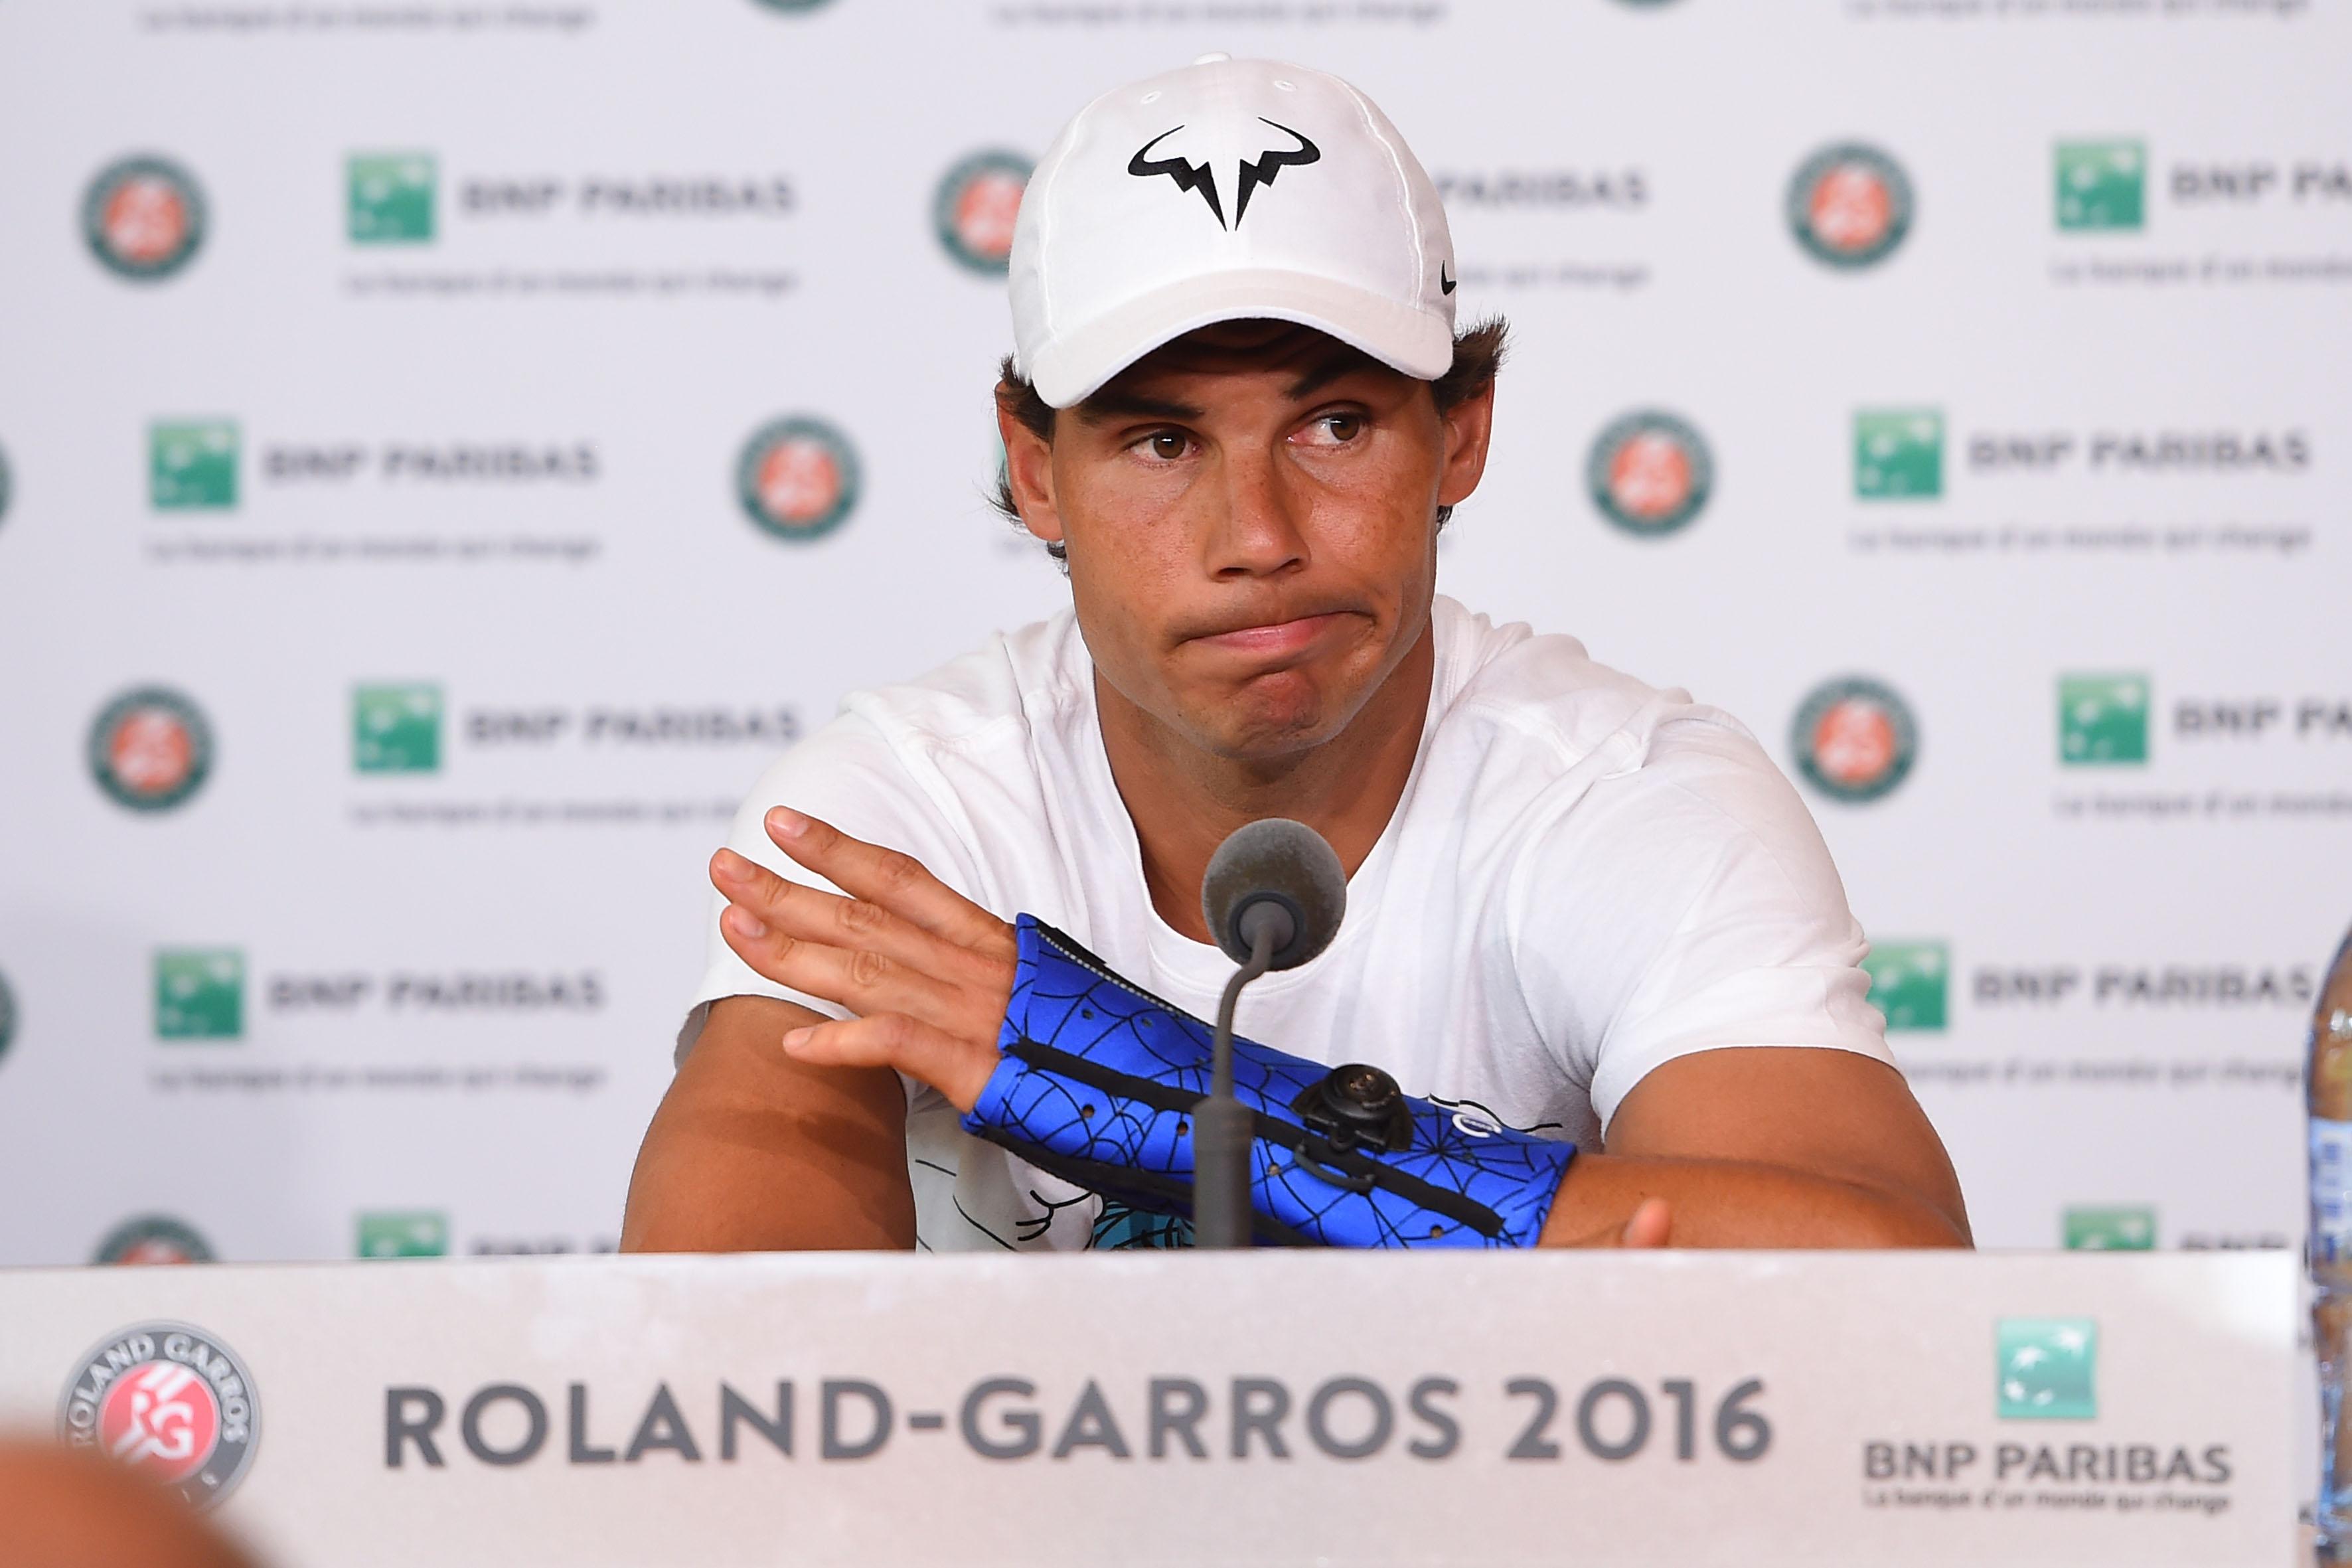 Tennis - Roland-Garros - Les 5 phrases à retenir de la conférence de presse de Nadal